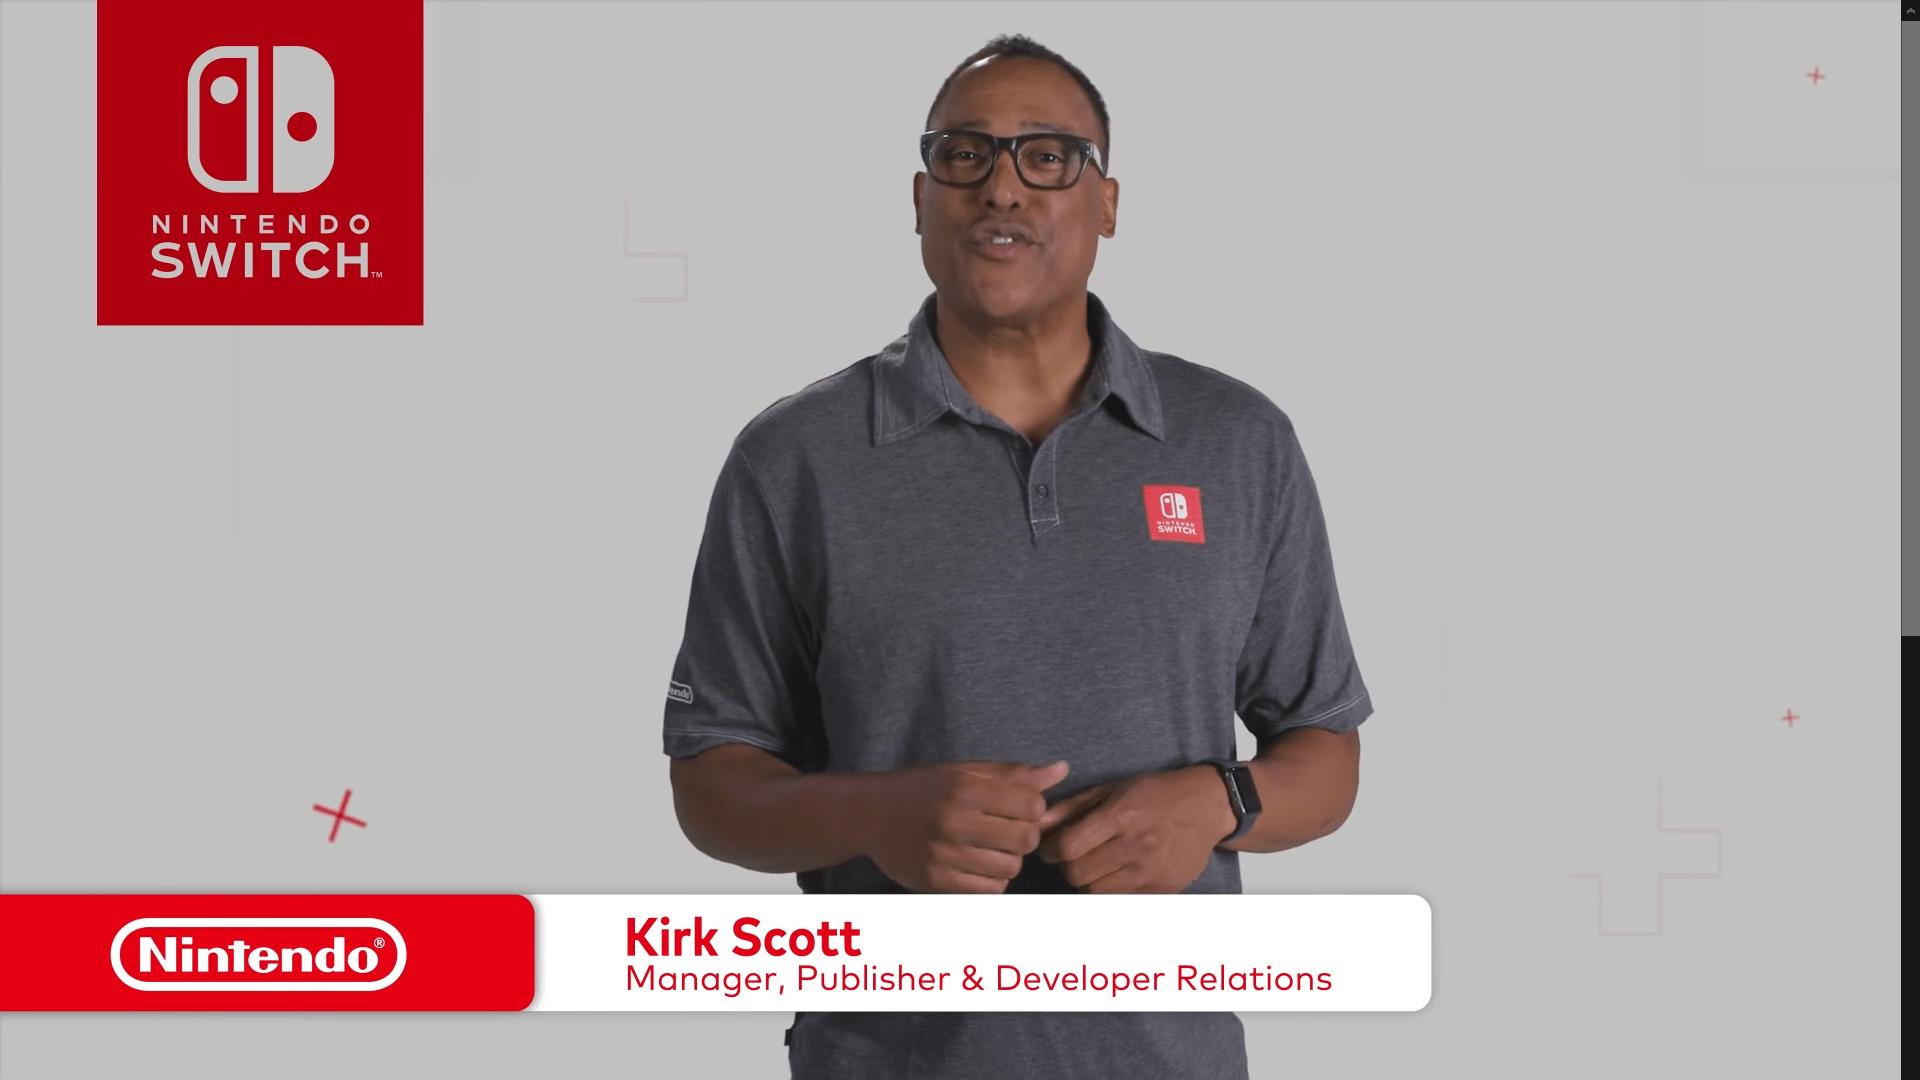 Kirk Scott